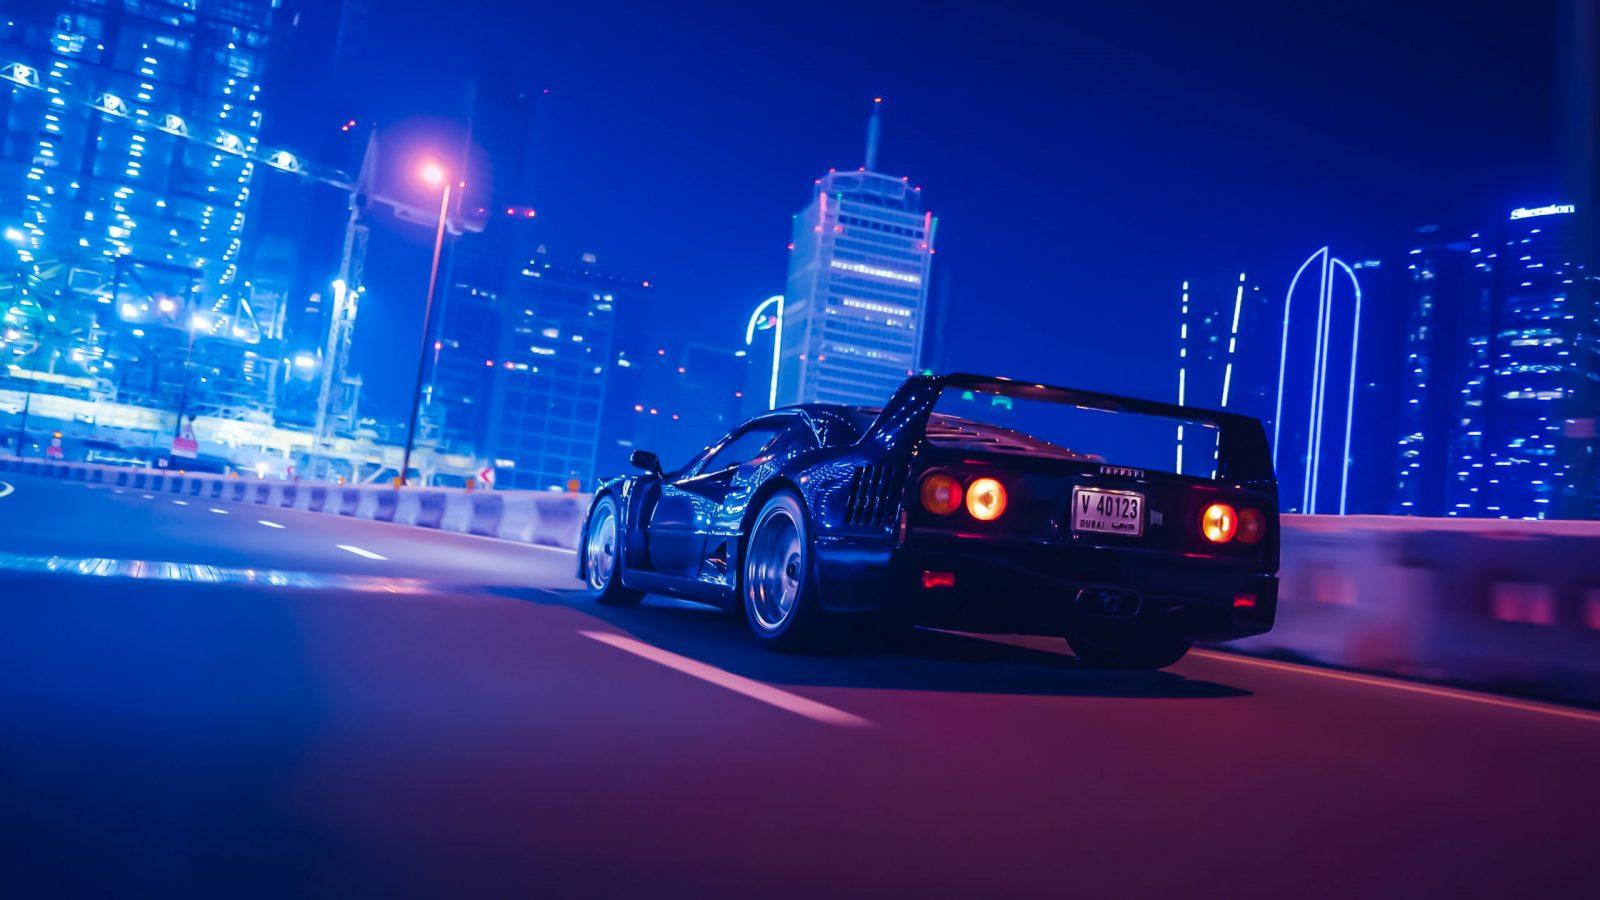 Ferrari – F40 | Nightcrawler